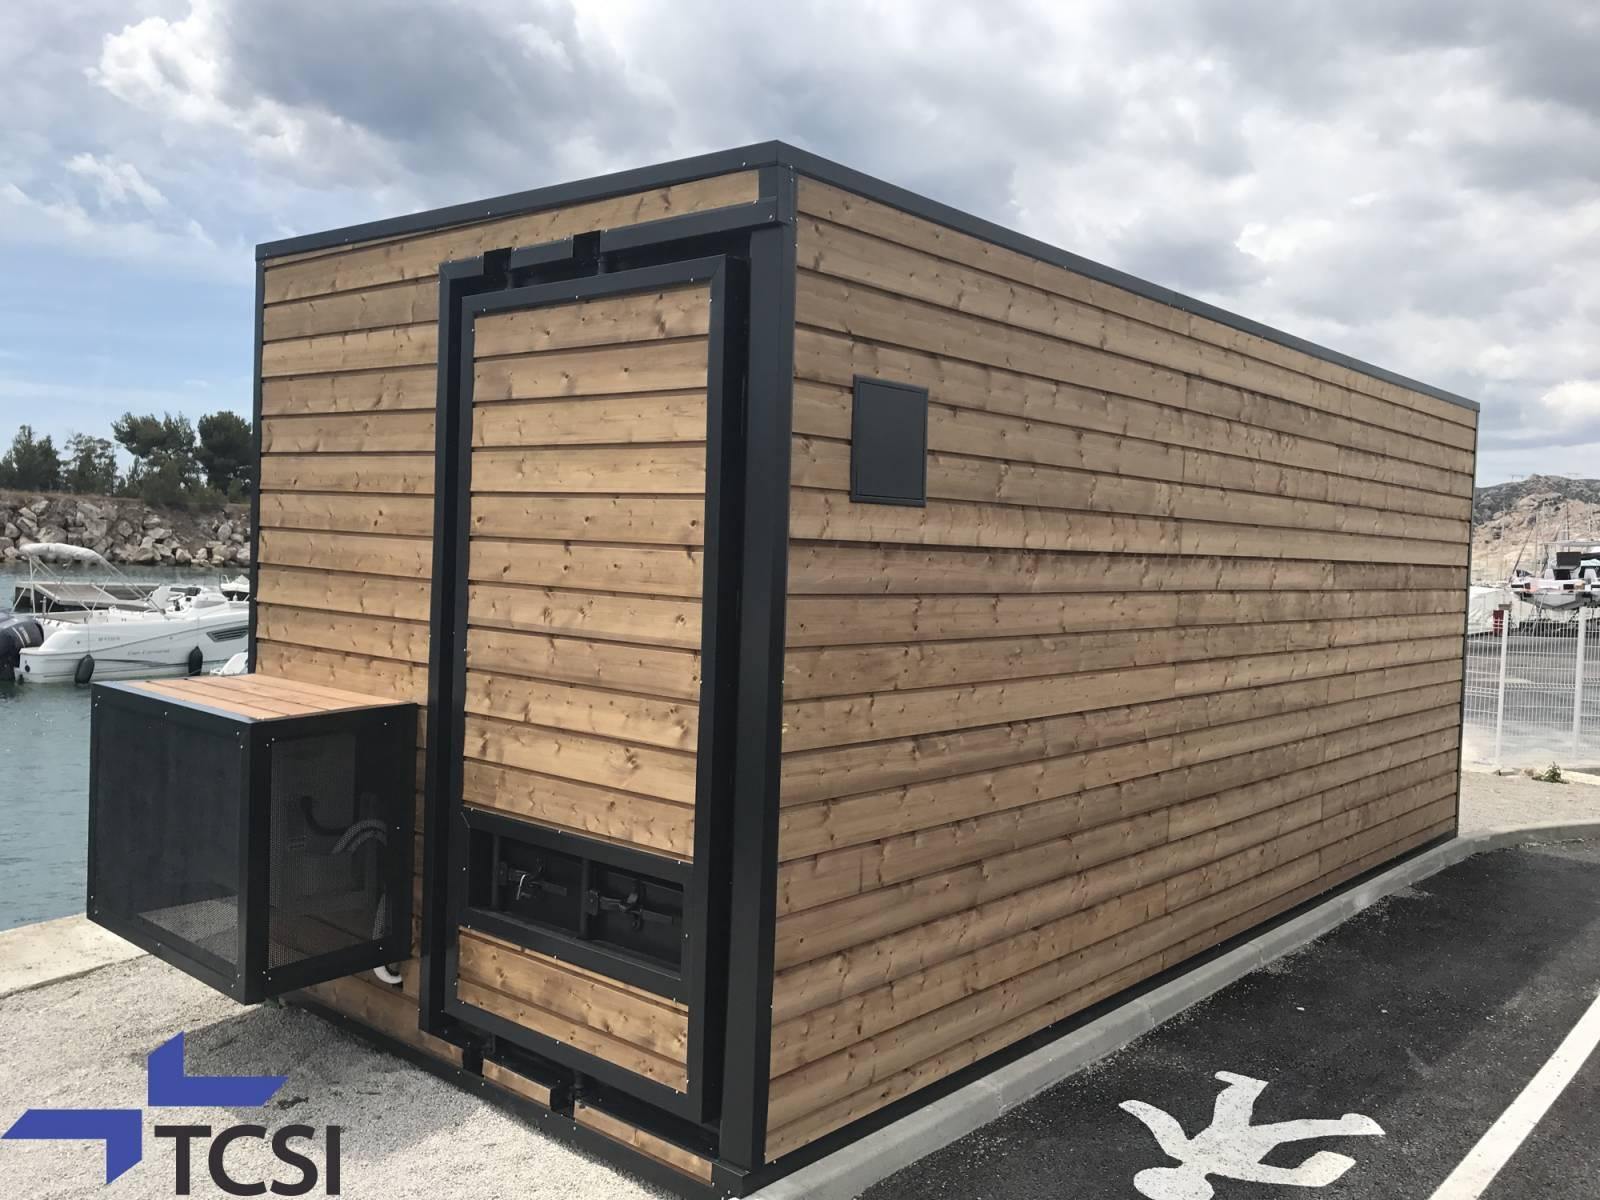 vente et location de containers de stockage tcsi. Black Bedroom Furniture Sets. Home Design Ideas